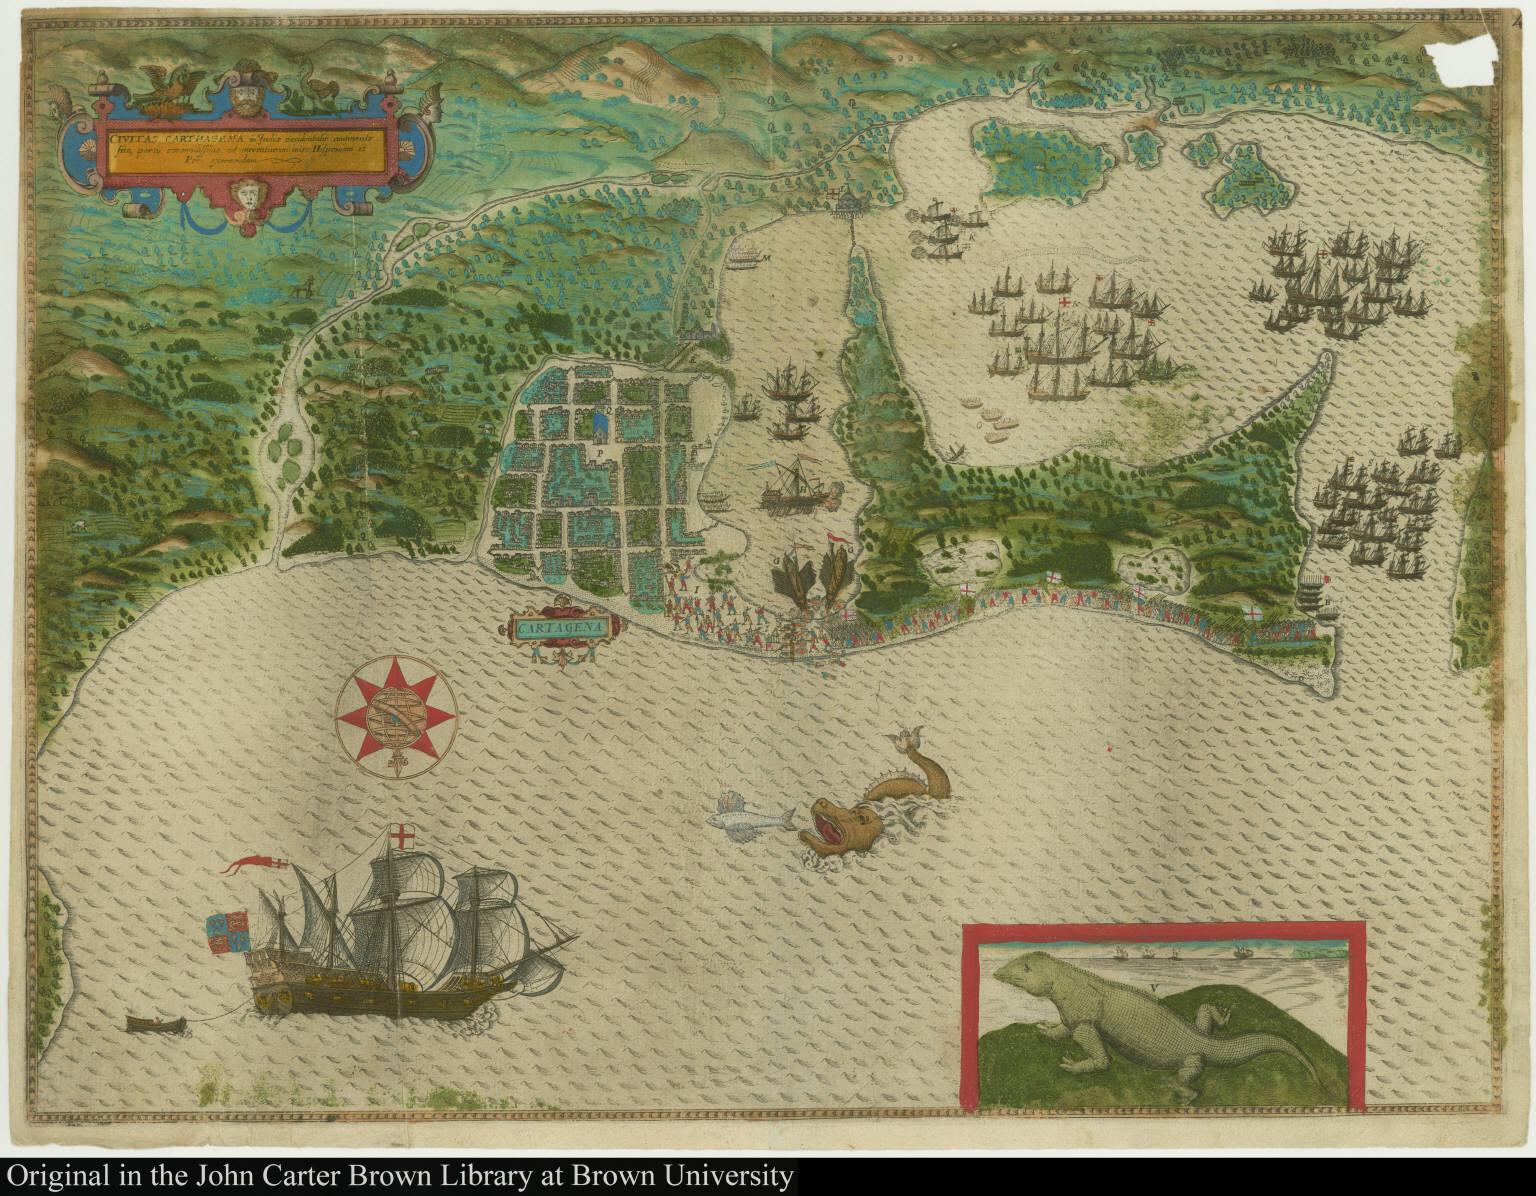 Civitas Carthagena in Indiae occidentalis continente sita, portu commodissimo ad mercaturam inter Hispaniam et Peru exercendam